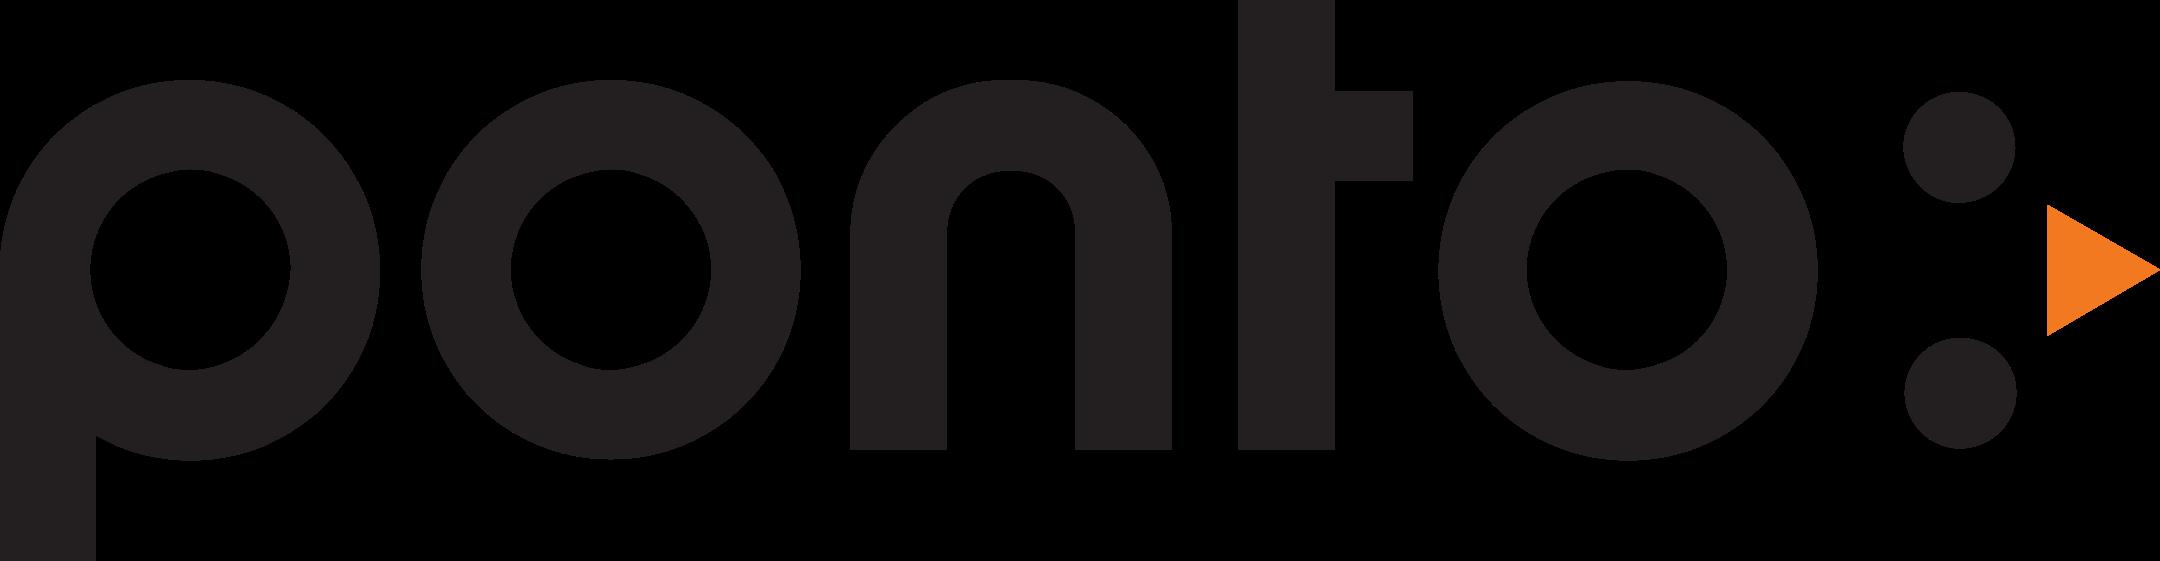 ponto logo 1 - Ponto Logo